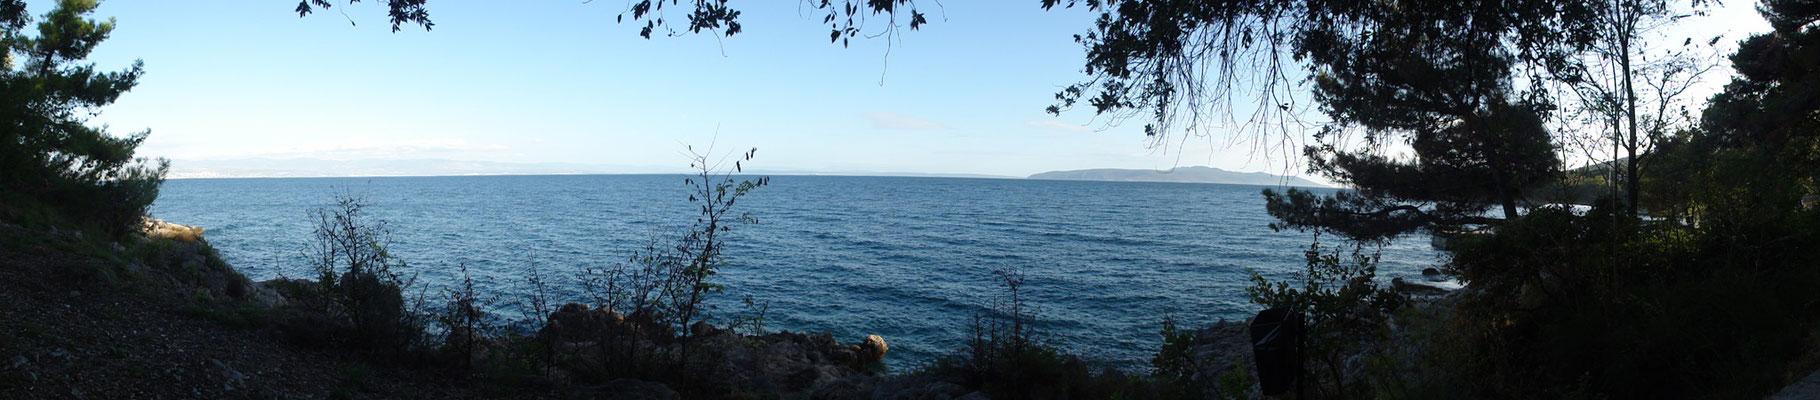 einfach schönes Panorama